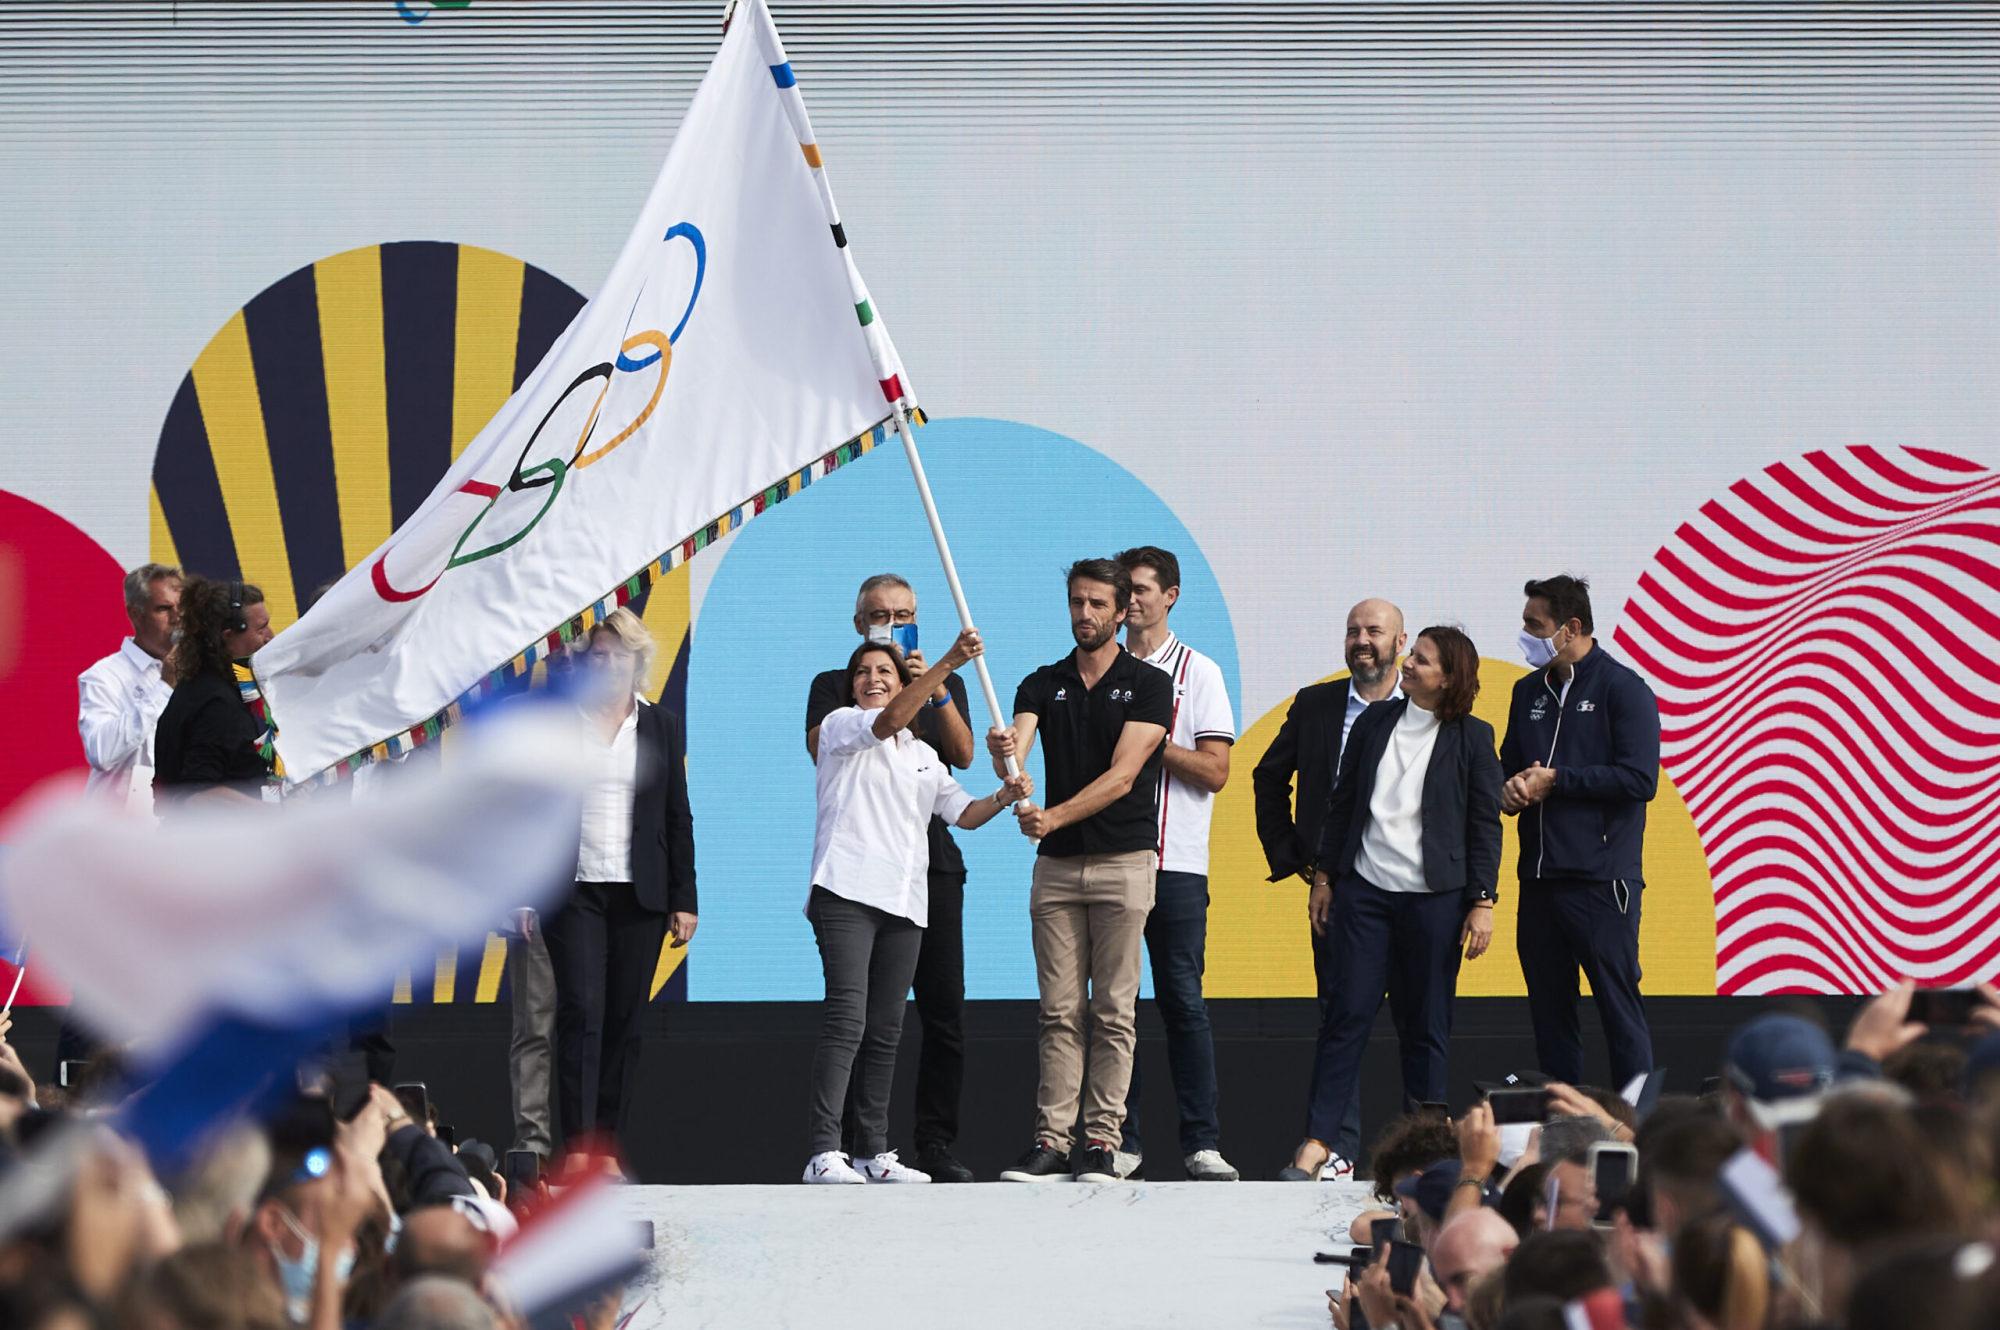 Anne Hidalgo et Tony Estanguet tiennent le drapeau olympique sur une scène, devant la foule